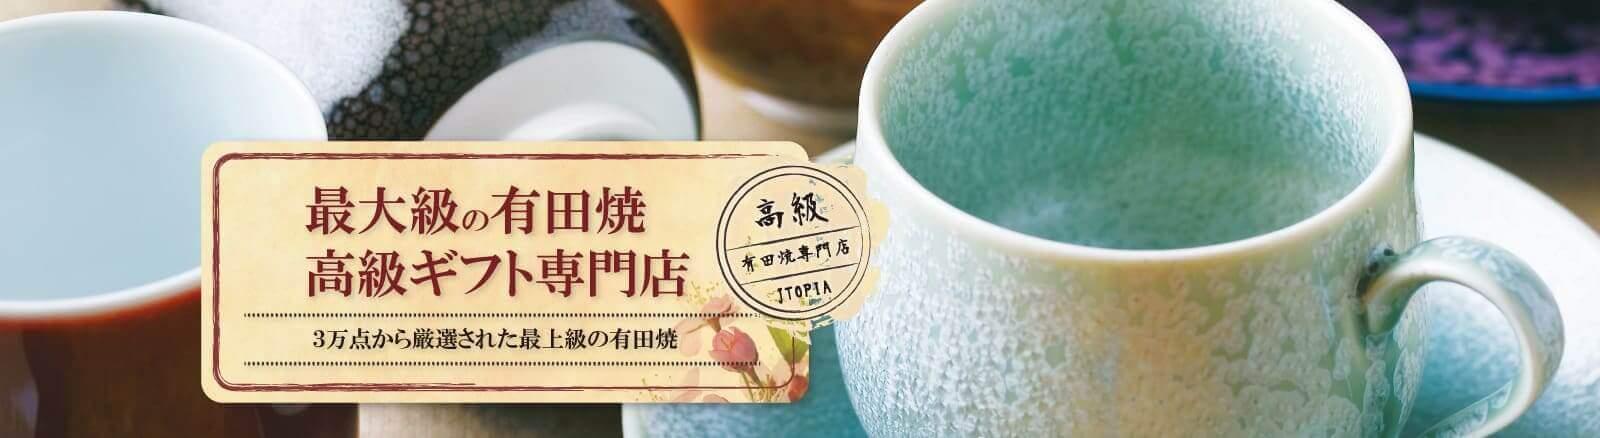 最高級の有田焼 高級ギフト専門店 JTOPIA | 3万点から厳選された最上級の有田焼